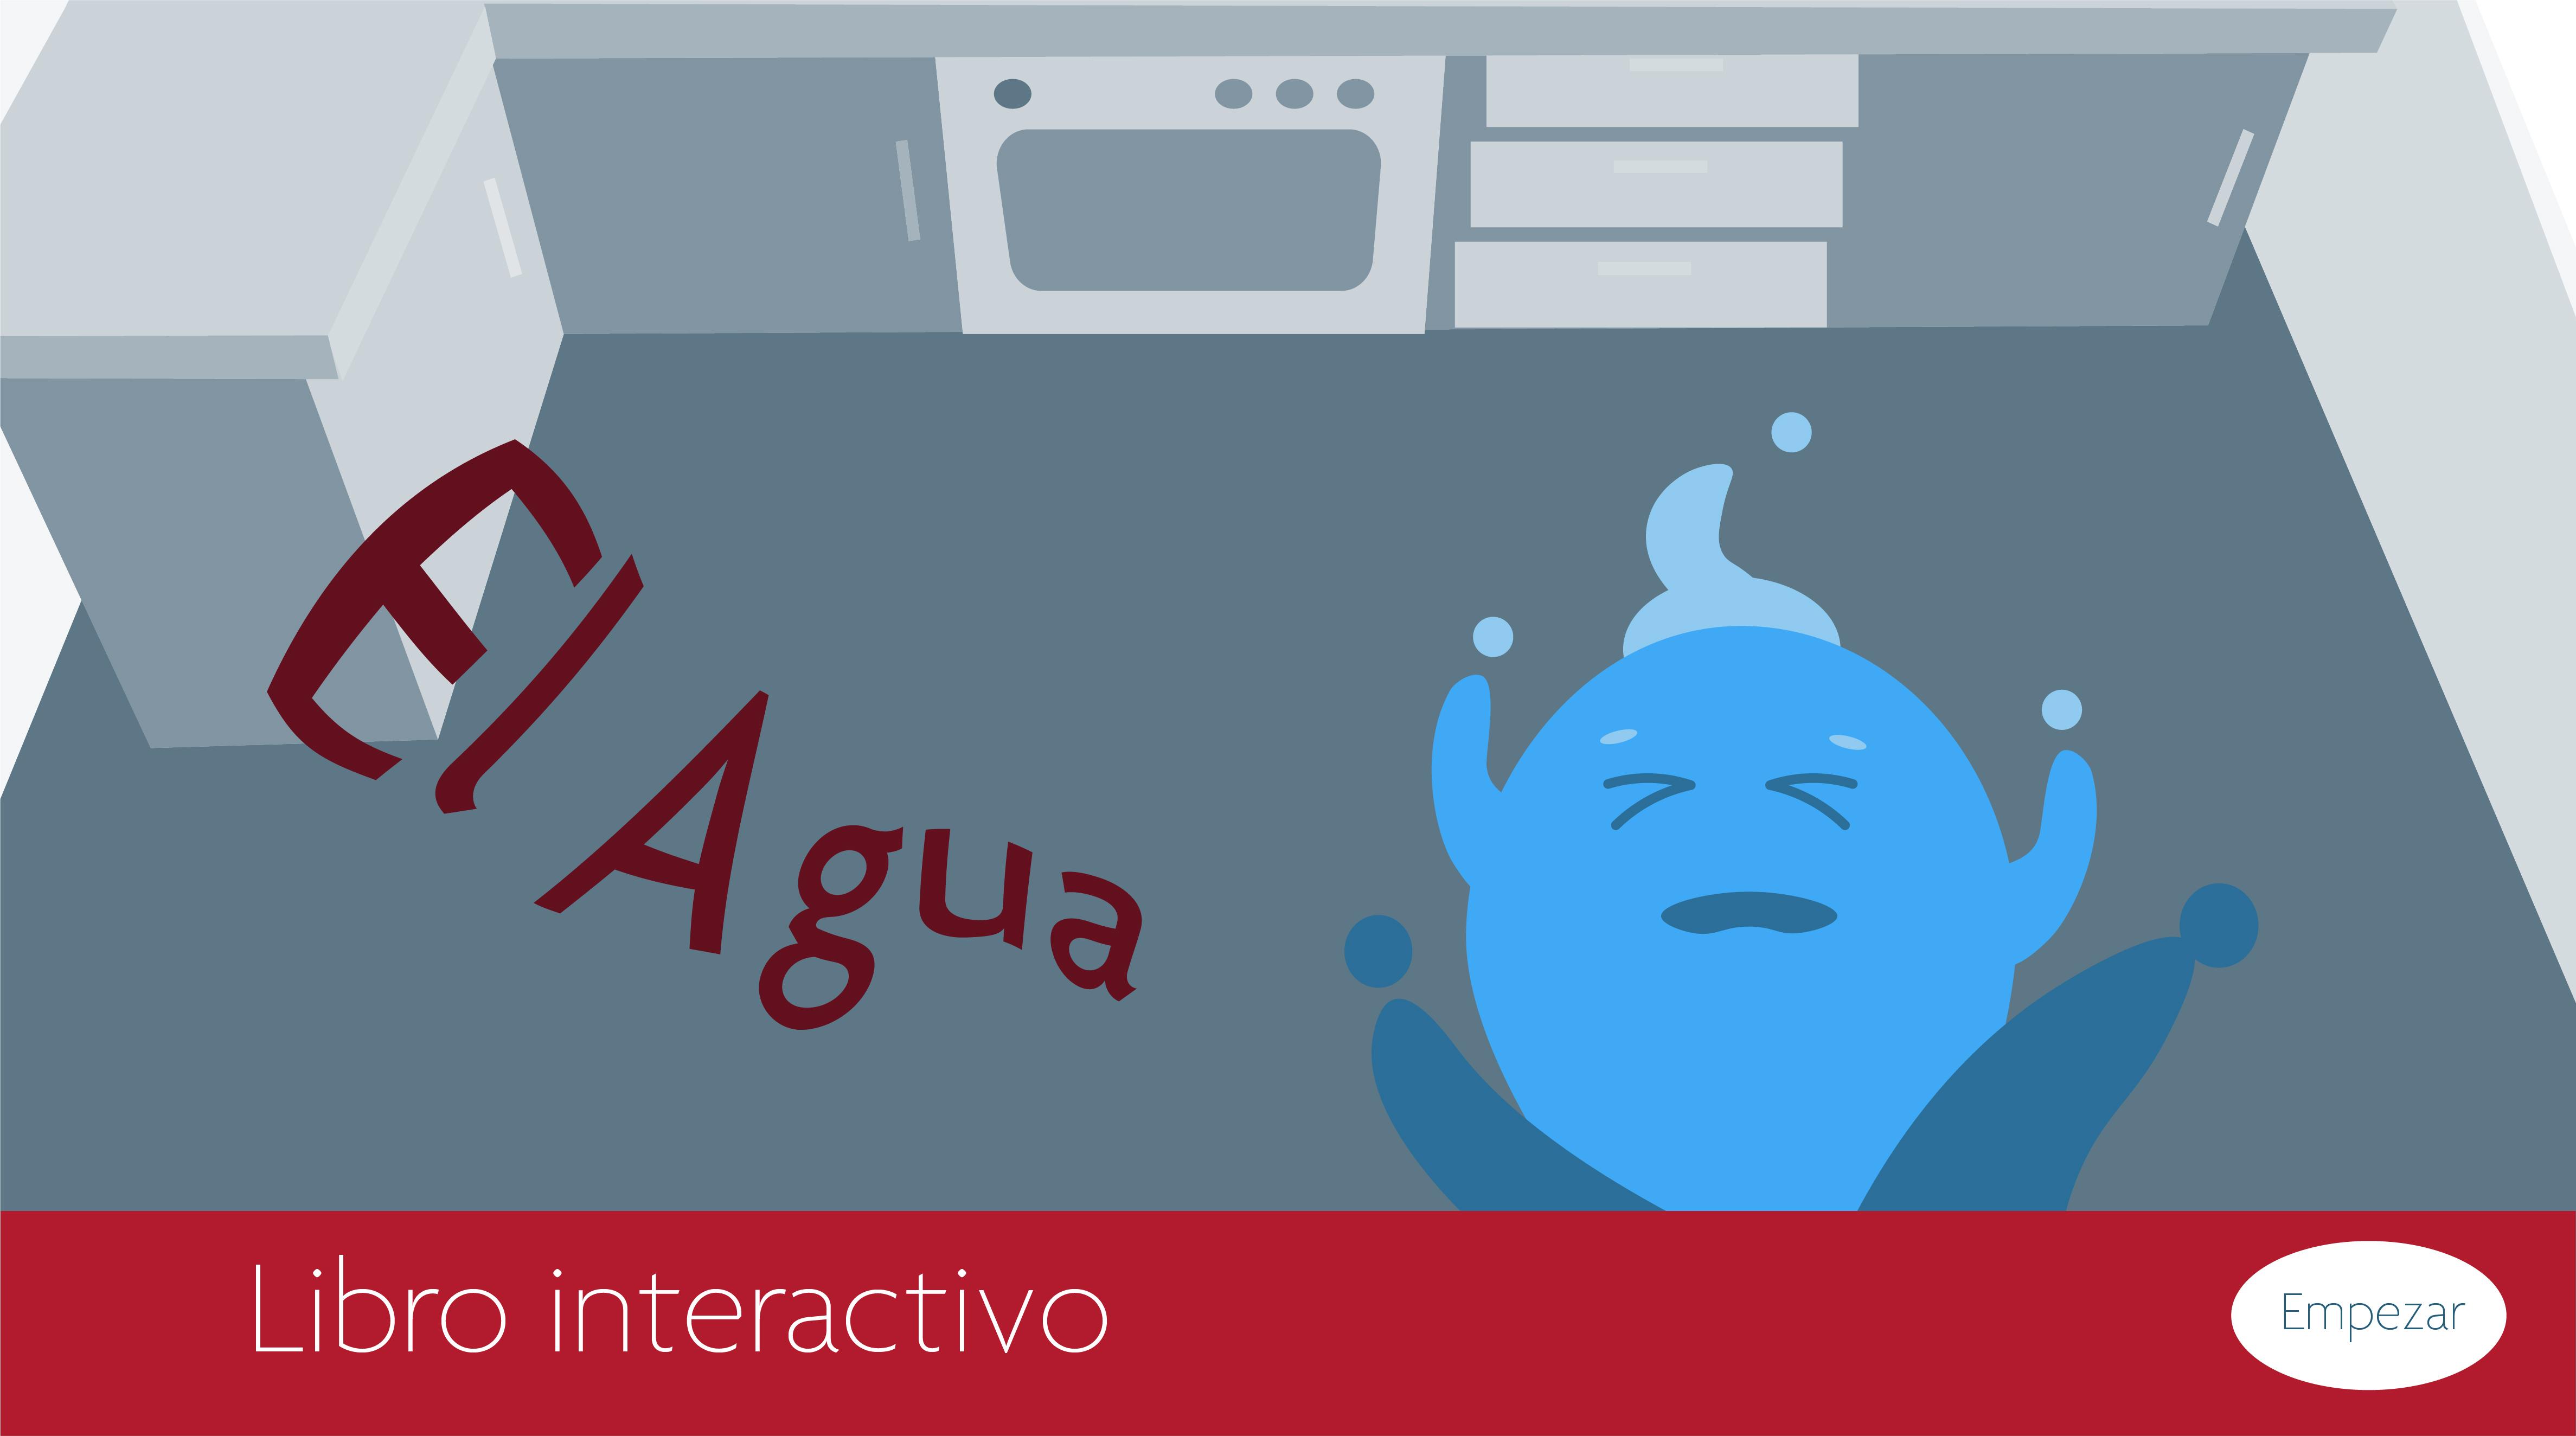 El agua. Conocemos cualidades físicas y quimicas del agua. Libro interactivo. by Olga Lebedkova - Creative Work